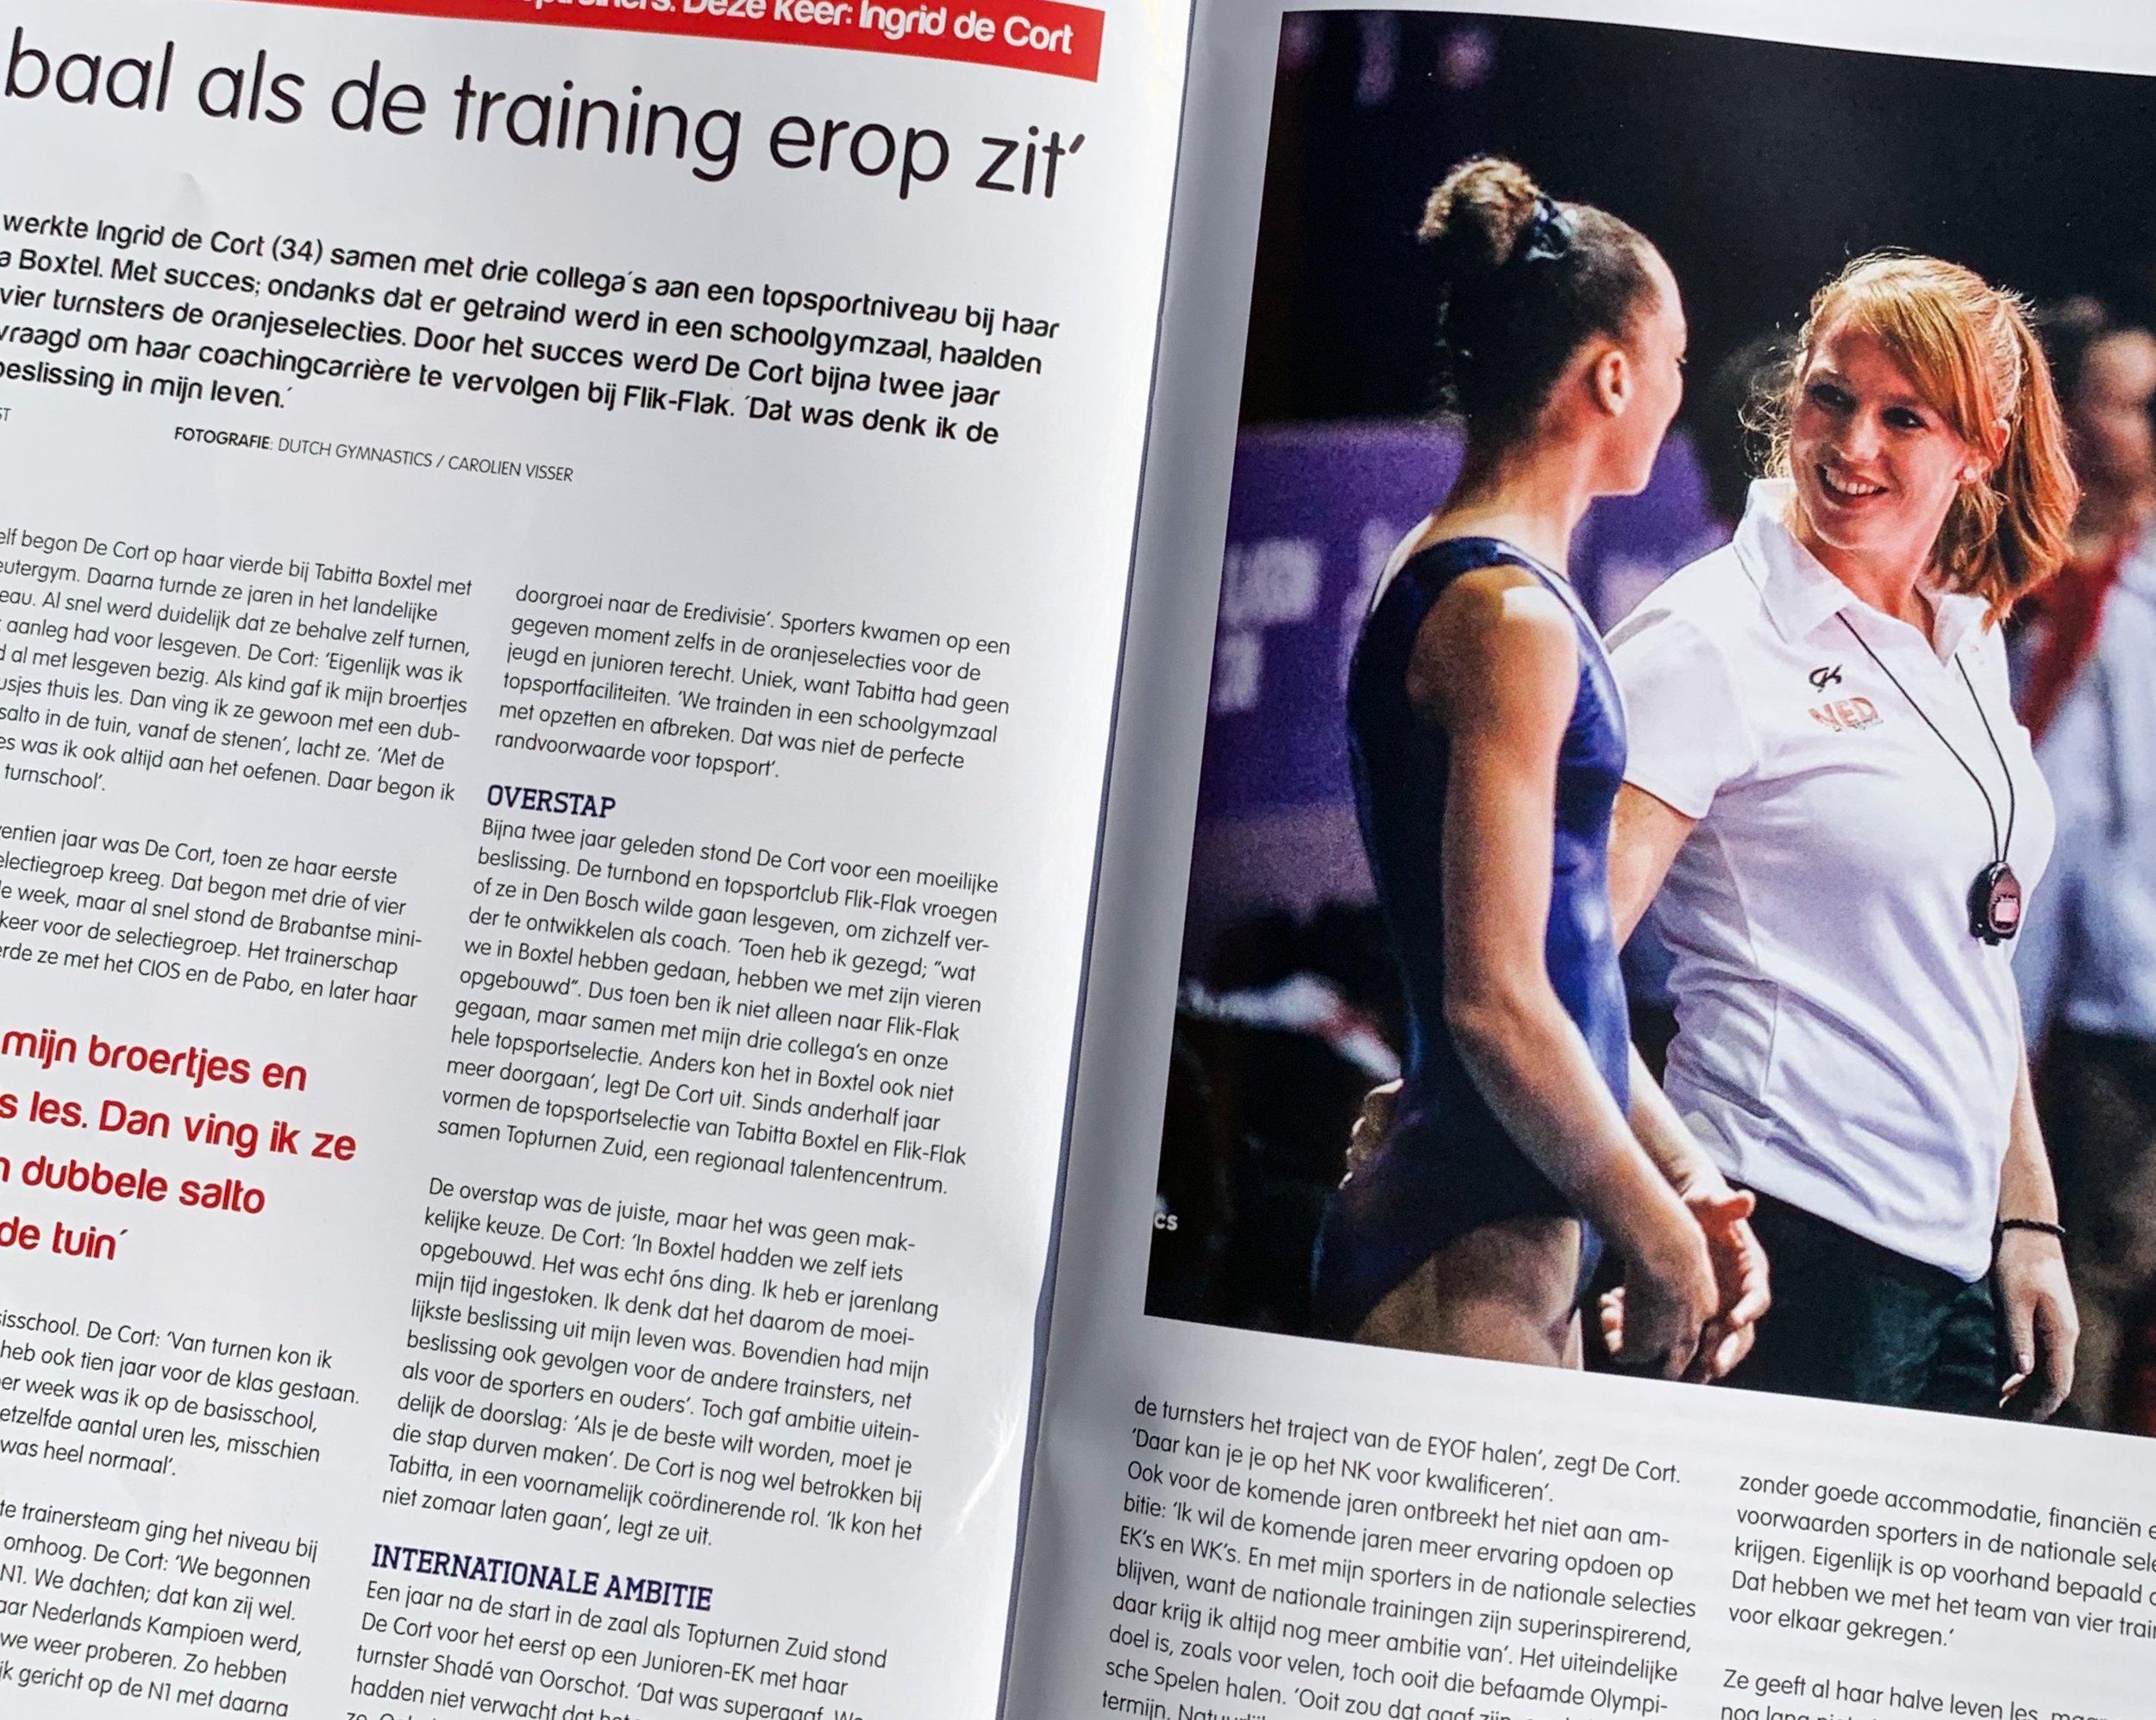 """'Ik baal als de training erop zit' - Jarenlang werkte Ingrid de Cort (34) samen met drie collega's aan een topsportniveau bij haar club Tabitta Boxtel. Met succes; ondanks dat er getraind werd in een schoolgymzaal, haalden maar liefst vier turnsters de oranjeselecties. Door het succes werd De Cort bijna twee jaar geleden gevraagd om haar coachingcarrière te vervolgen bij Flik-Flak. """"Dat was denk ik de moeilijkste beslissing in mijn leven""""."""